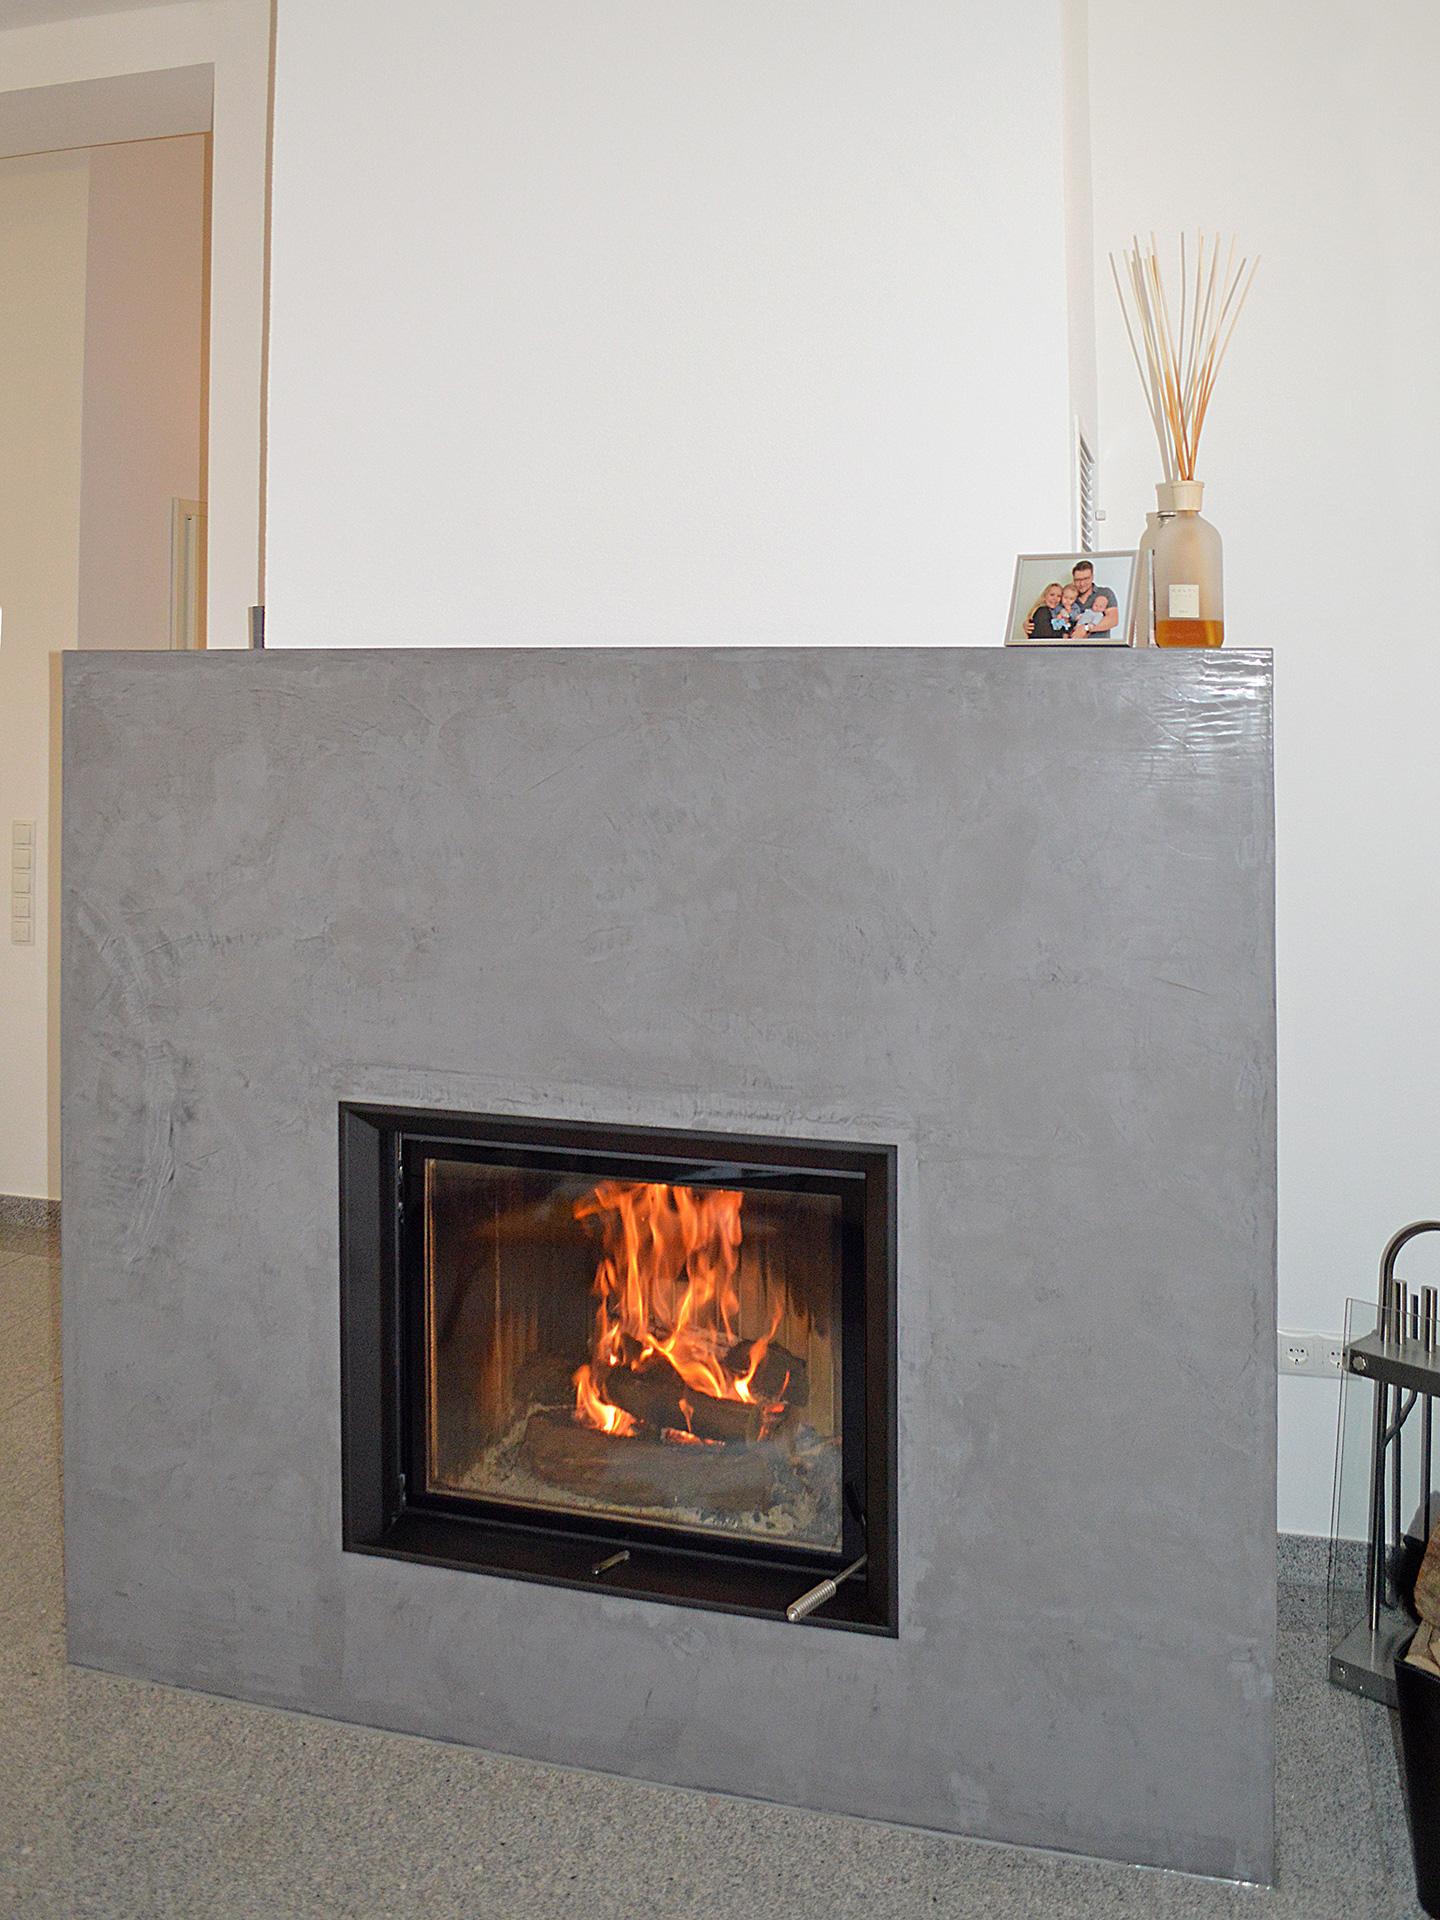 Referenz Ofen- und Kaminbau, Bild 0280